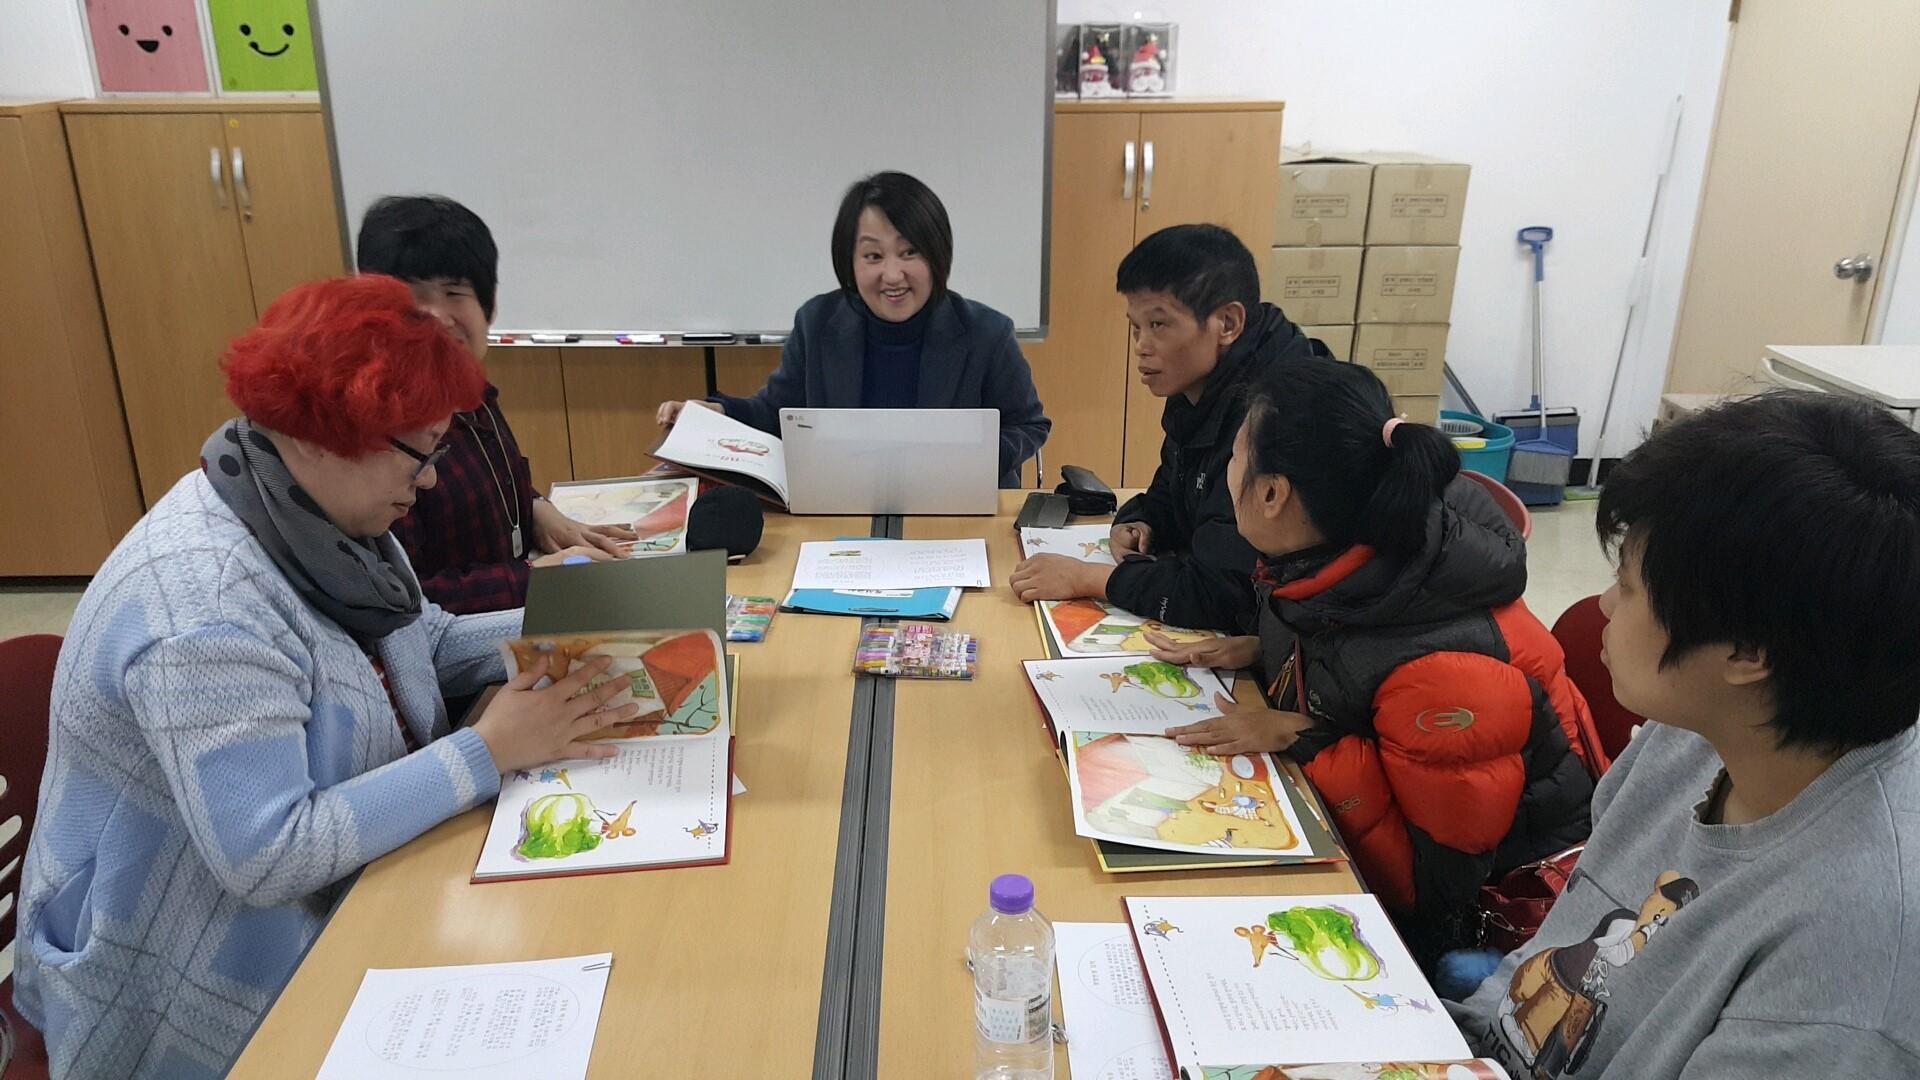 2018 장애성인 평생교육 네트워크 및 동아리 지원사업